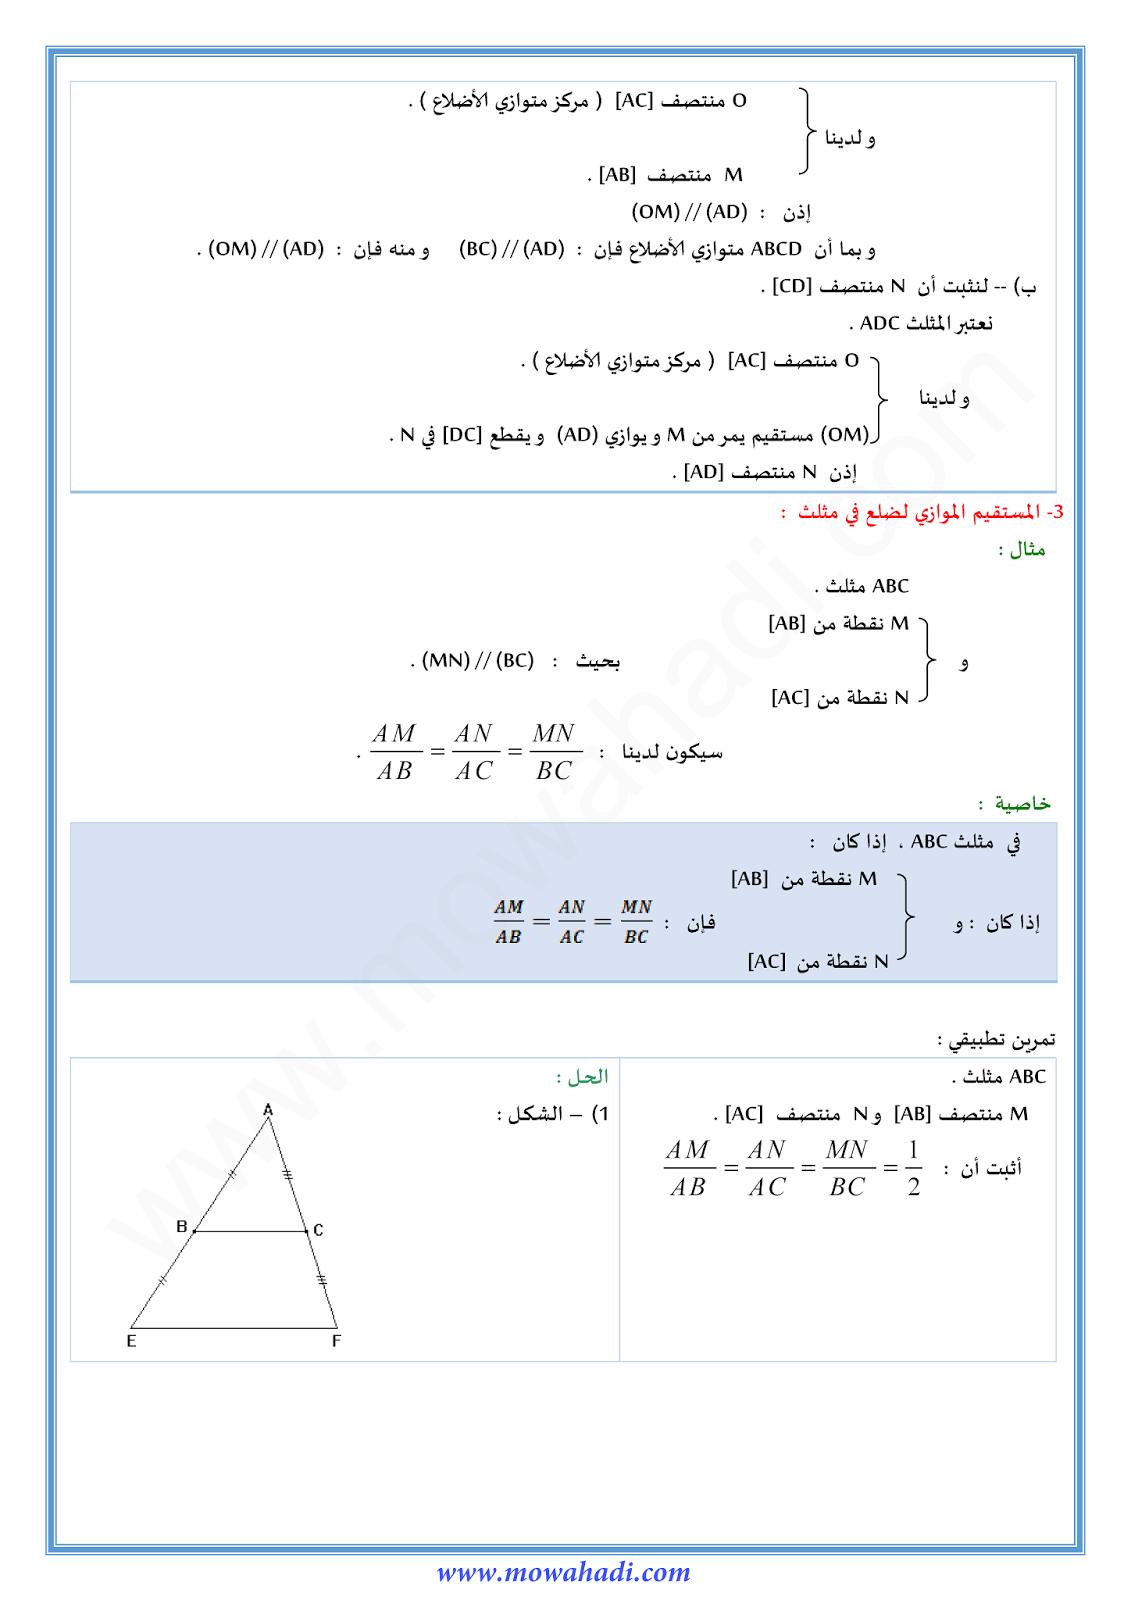 المستقيمات الموازية لأضلاع مثلث في الرياضيات